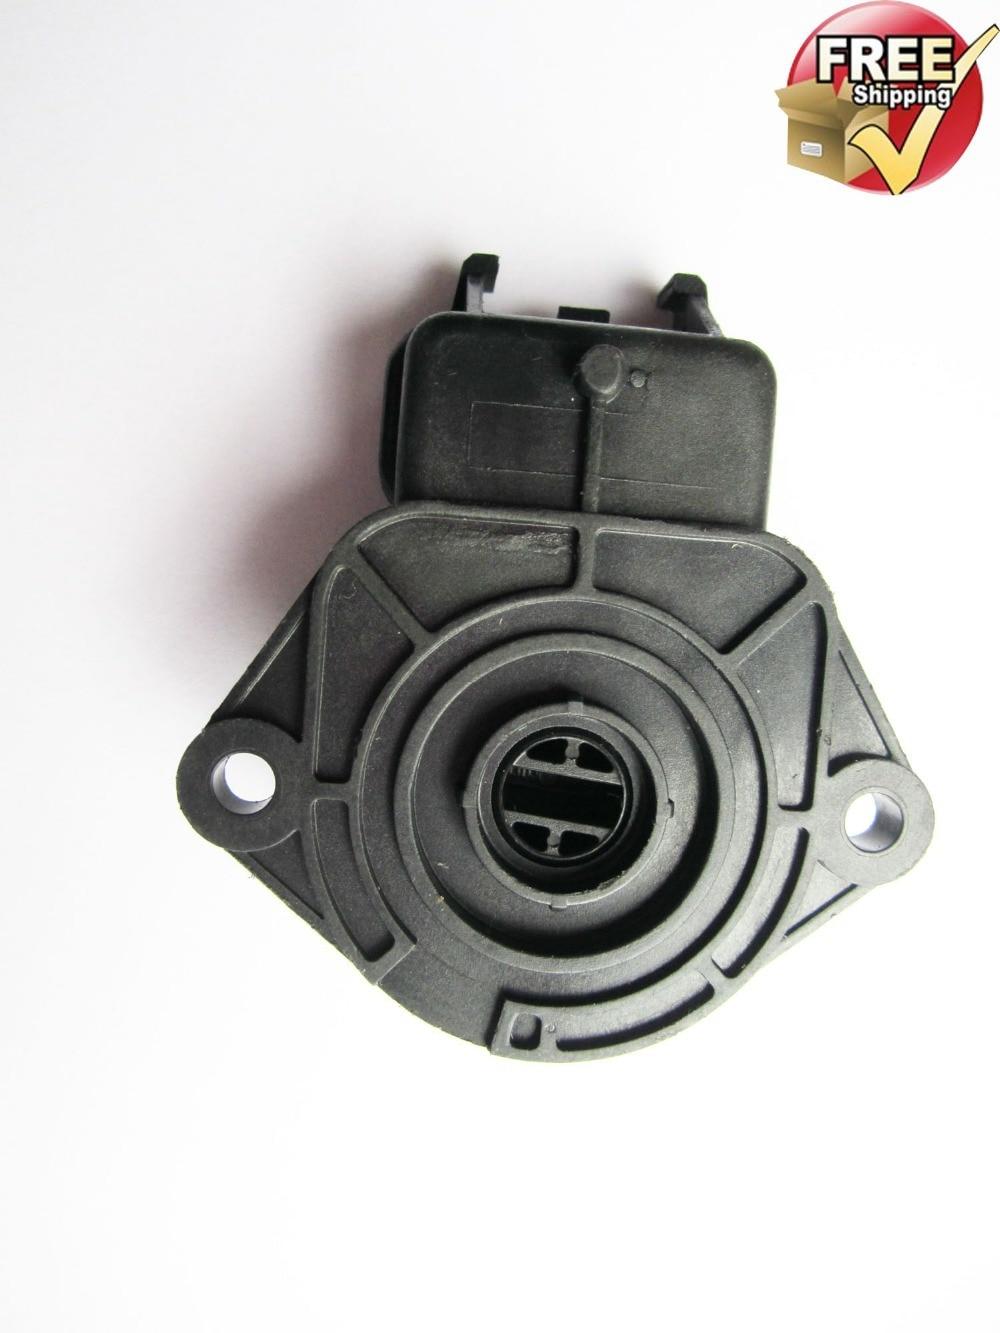 Capteur de Position d'accélérateur oem 97VB-9F832-AB 97VB9F832AB TPS pour MODULE de capteur de pédale pour unité d'accélérateur de gaz THINK